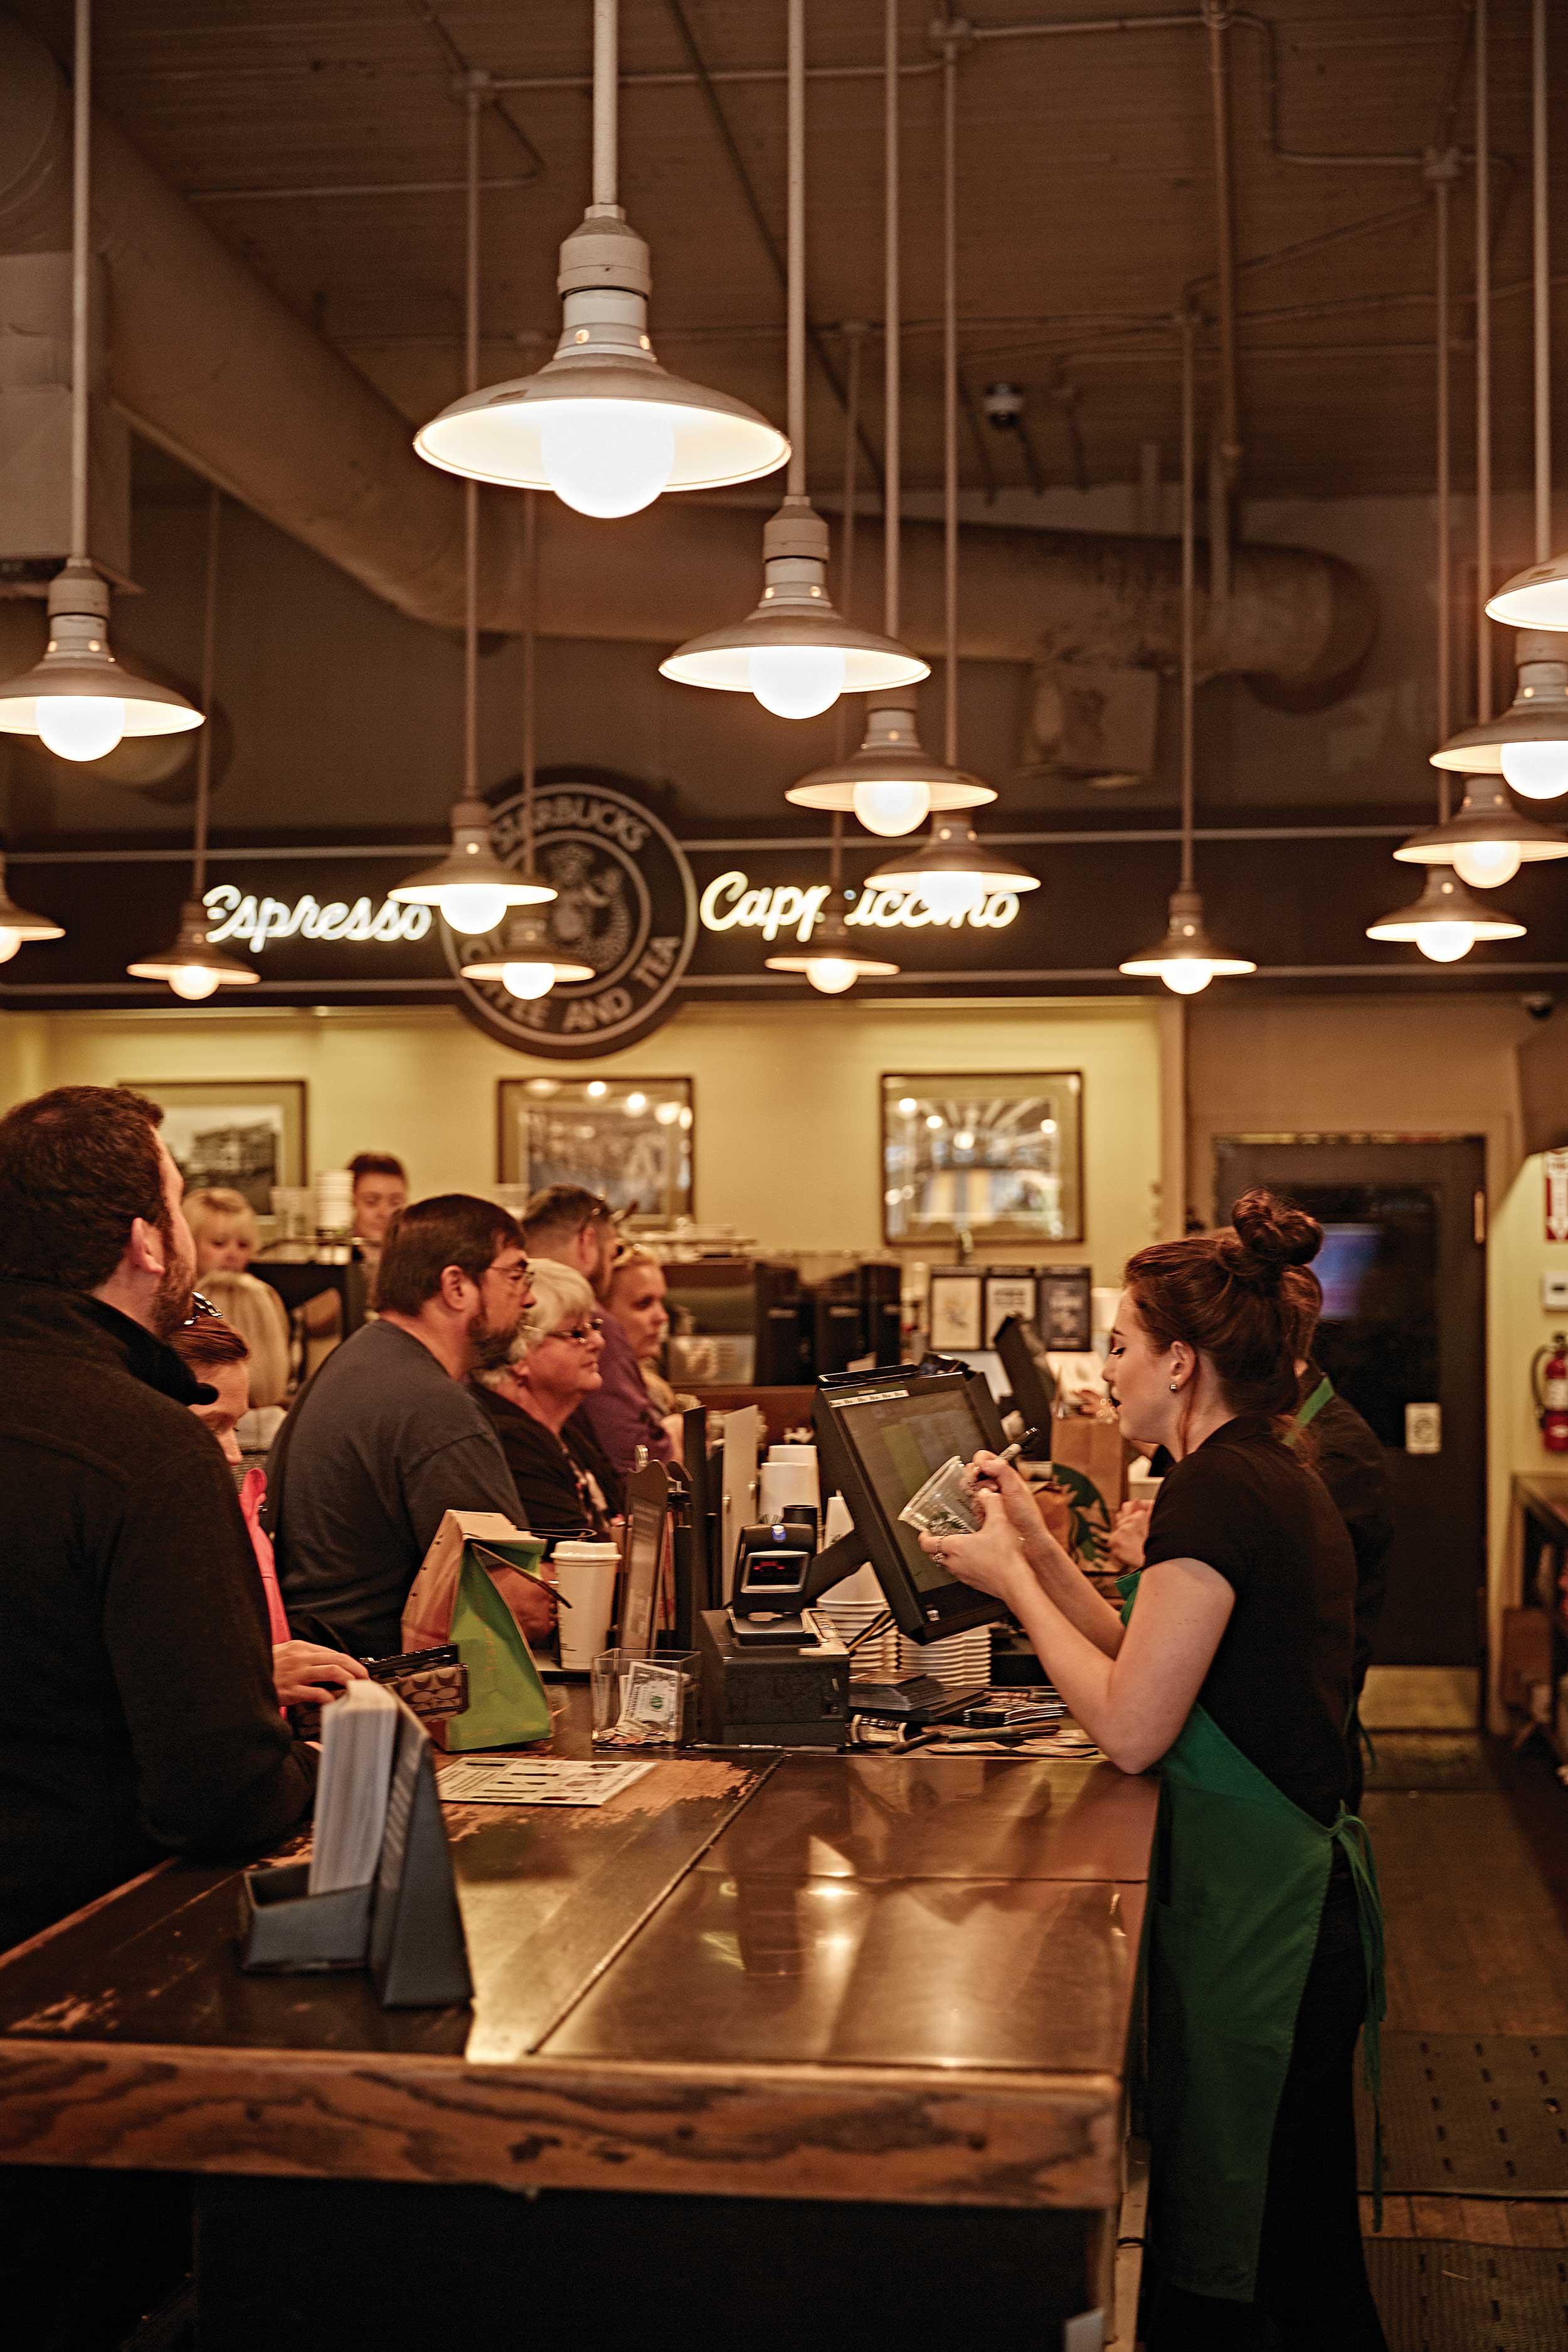 파이크 플레이스 마켓에 있는 스타벅스 1호점. 기념품을 사려는 관광객들로 늘 분주하다. © 심윤석